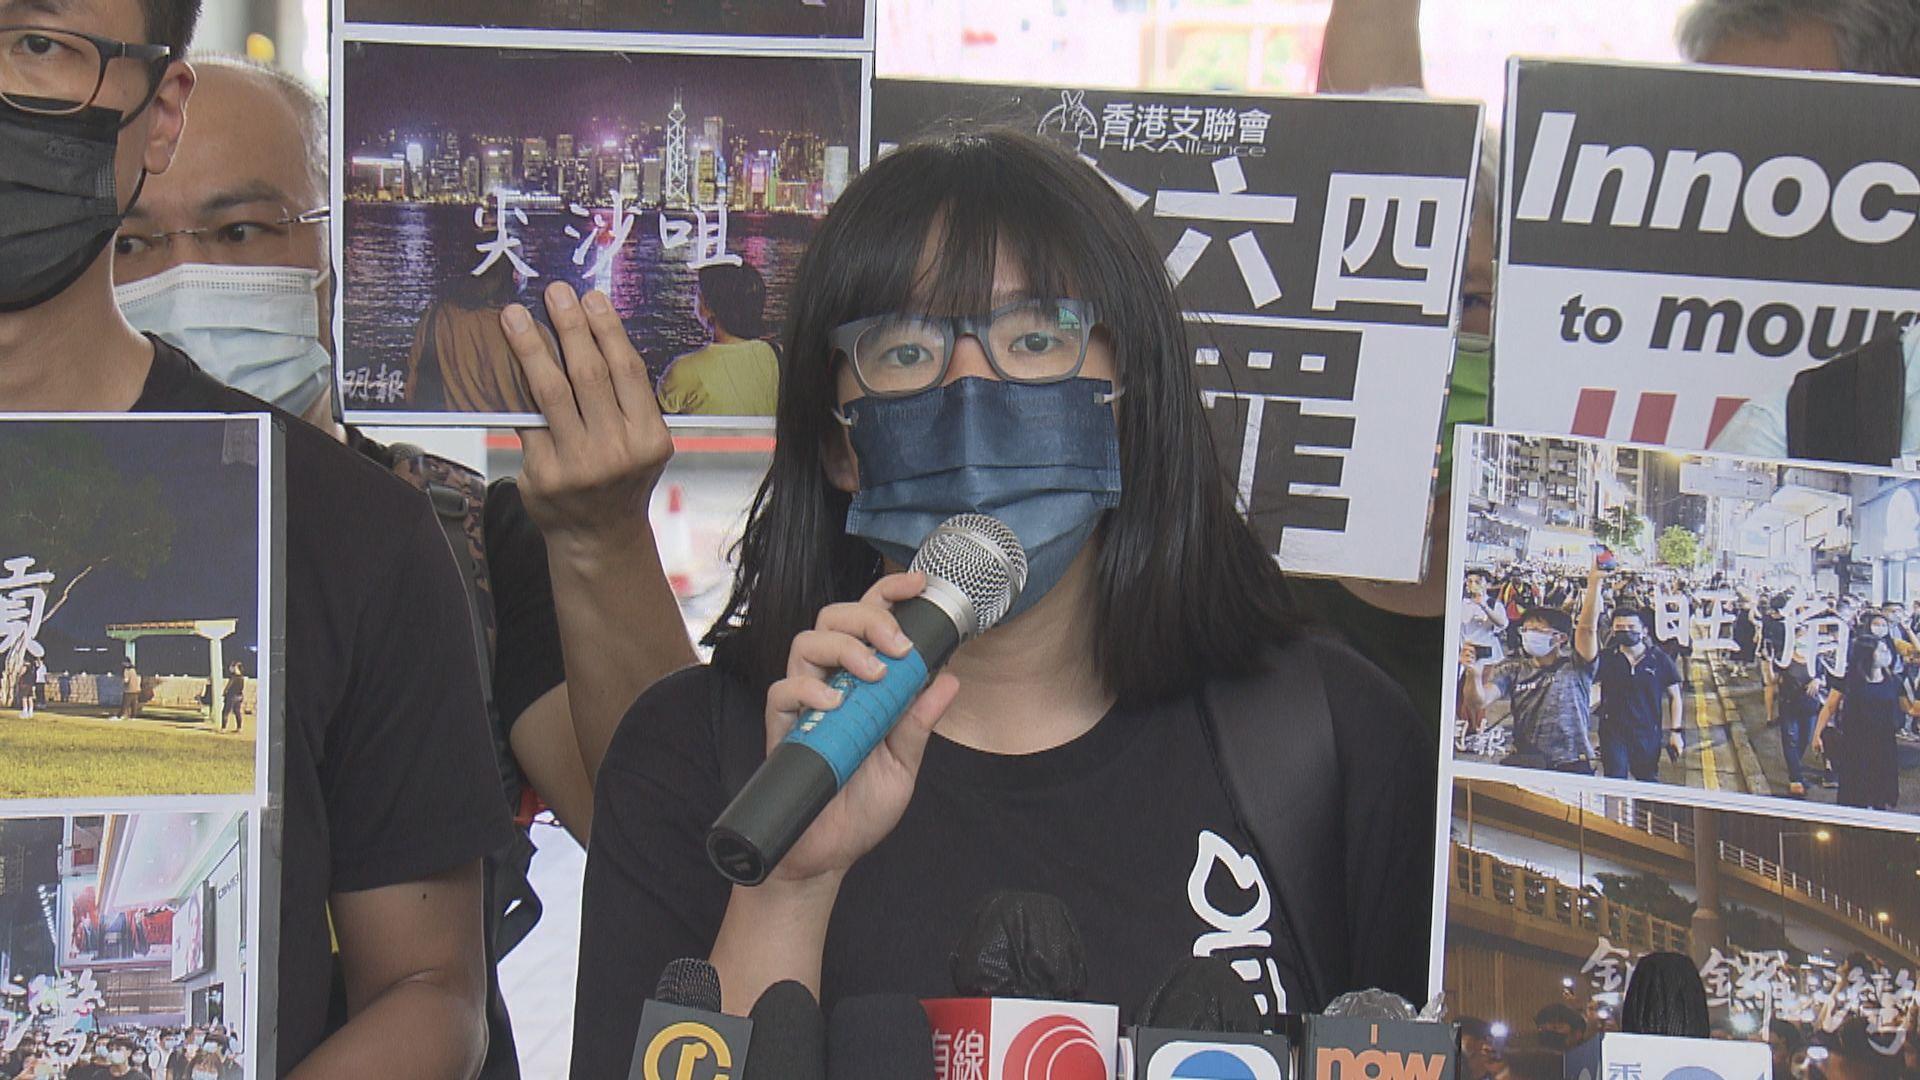 鄒幸彤被控煽惑非法集結 再申保釋被拒